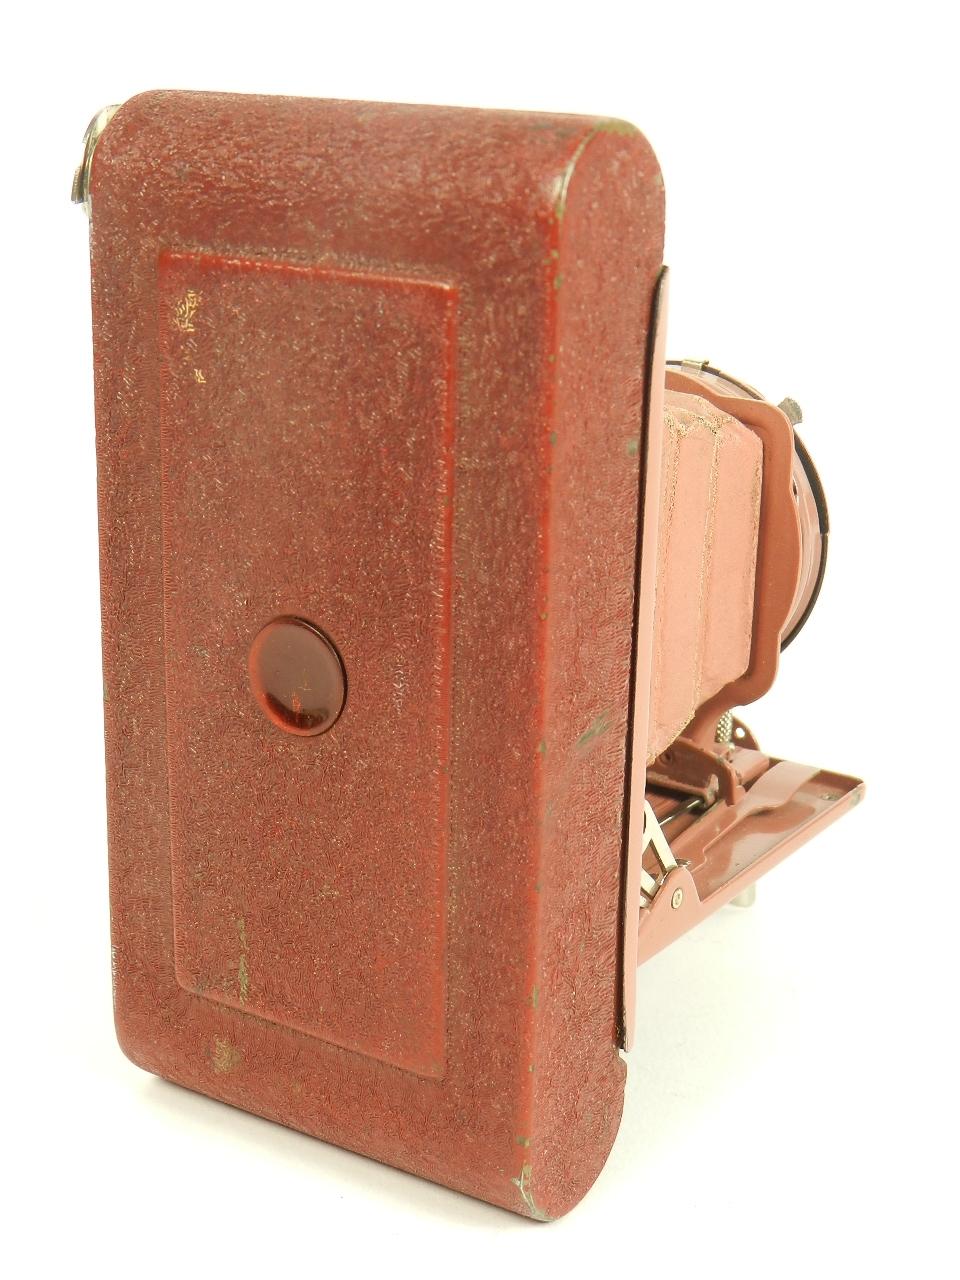 Imagen KODAK RAINBOW VEST POCKET  AÑO 1915 27277